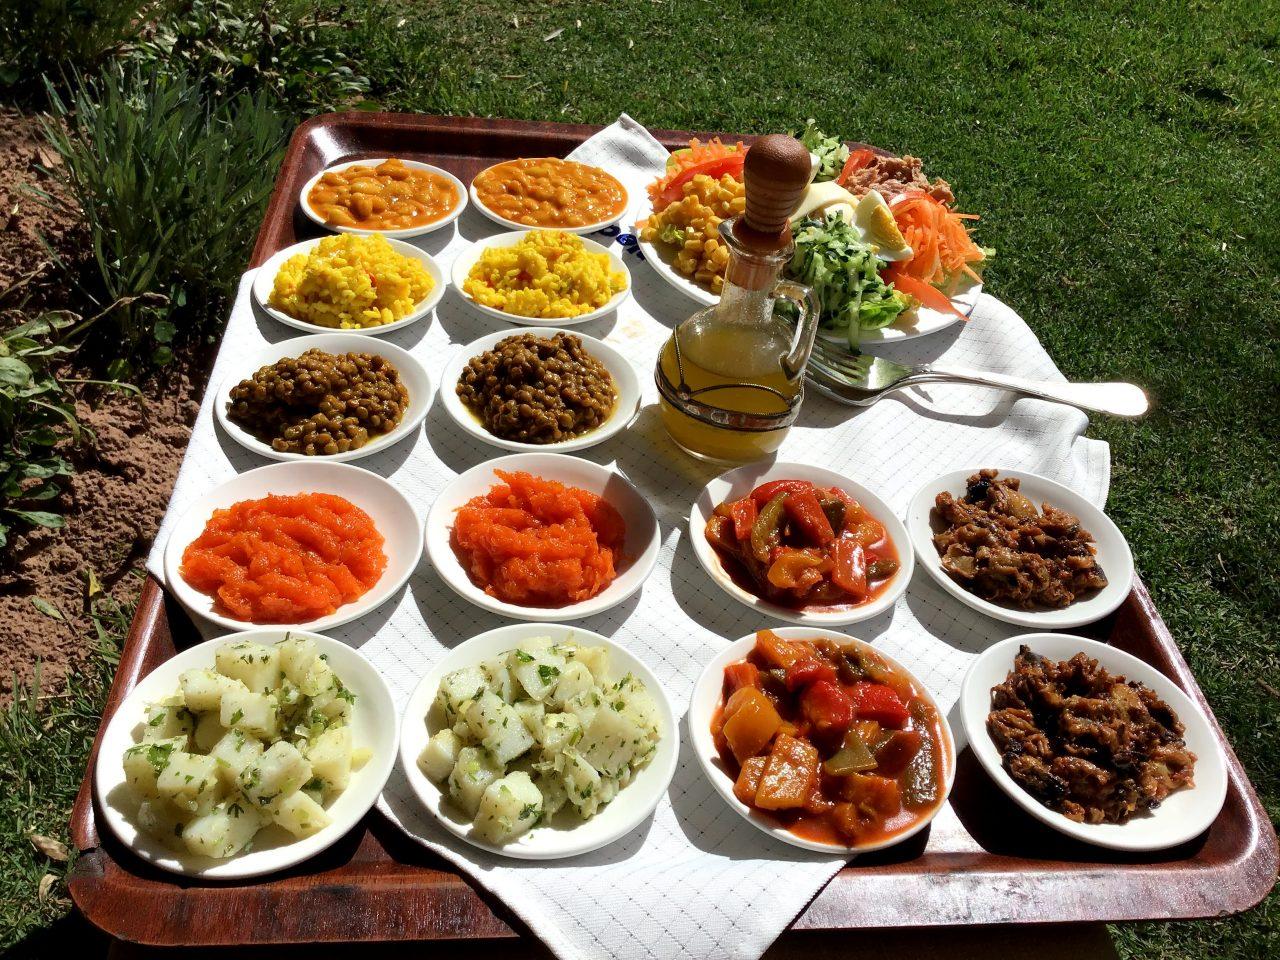 Los ricos aperitivos de la cocina marroquí son, en sí mismos, una joya culinaria que merece la pena probar.